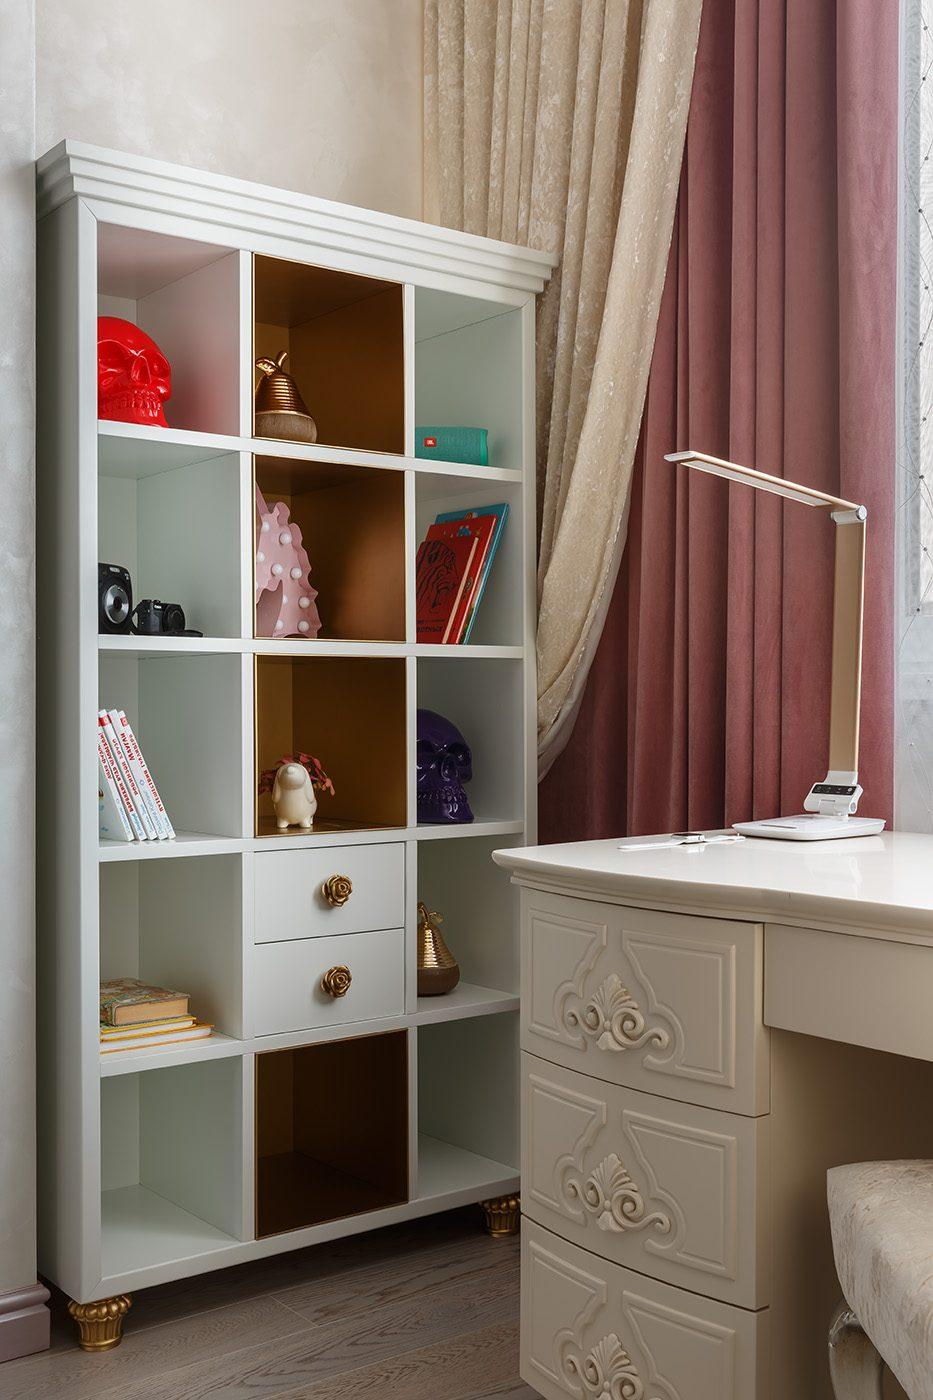 Дизайн интерьера спальни в сиренево-розовых тонах